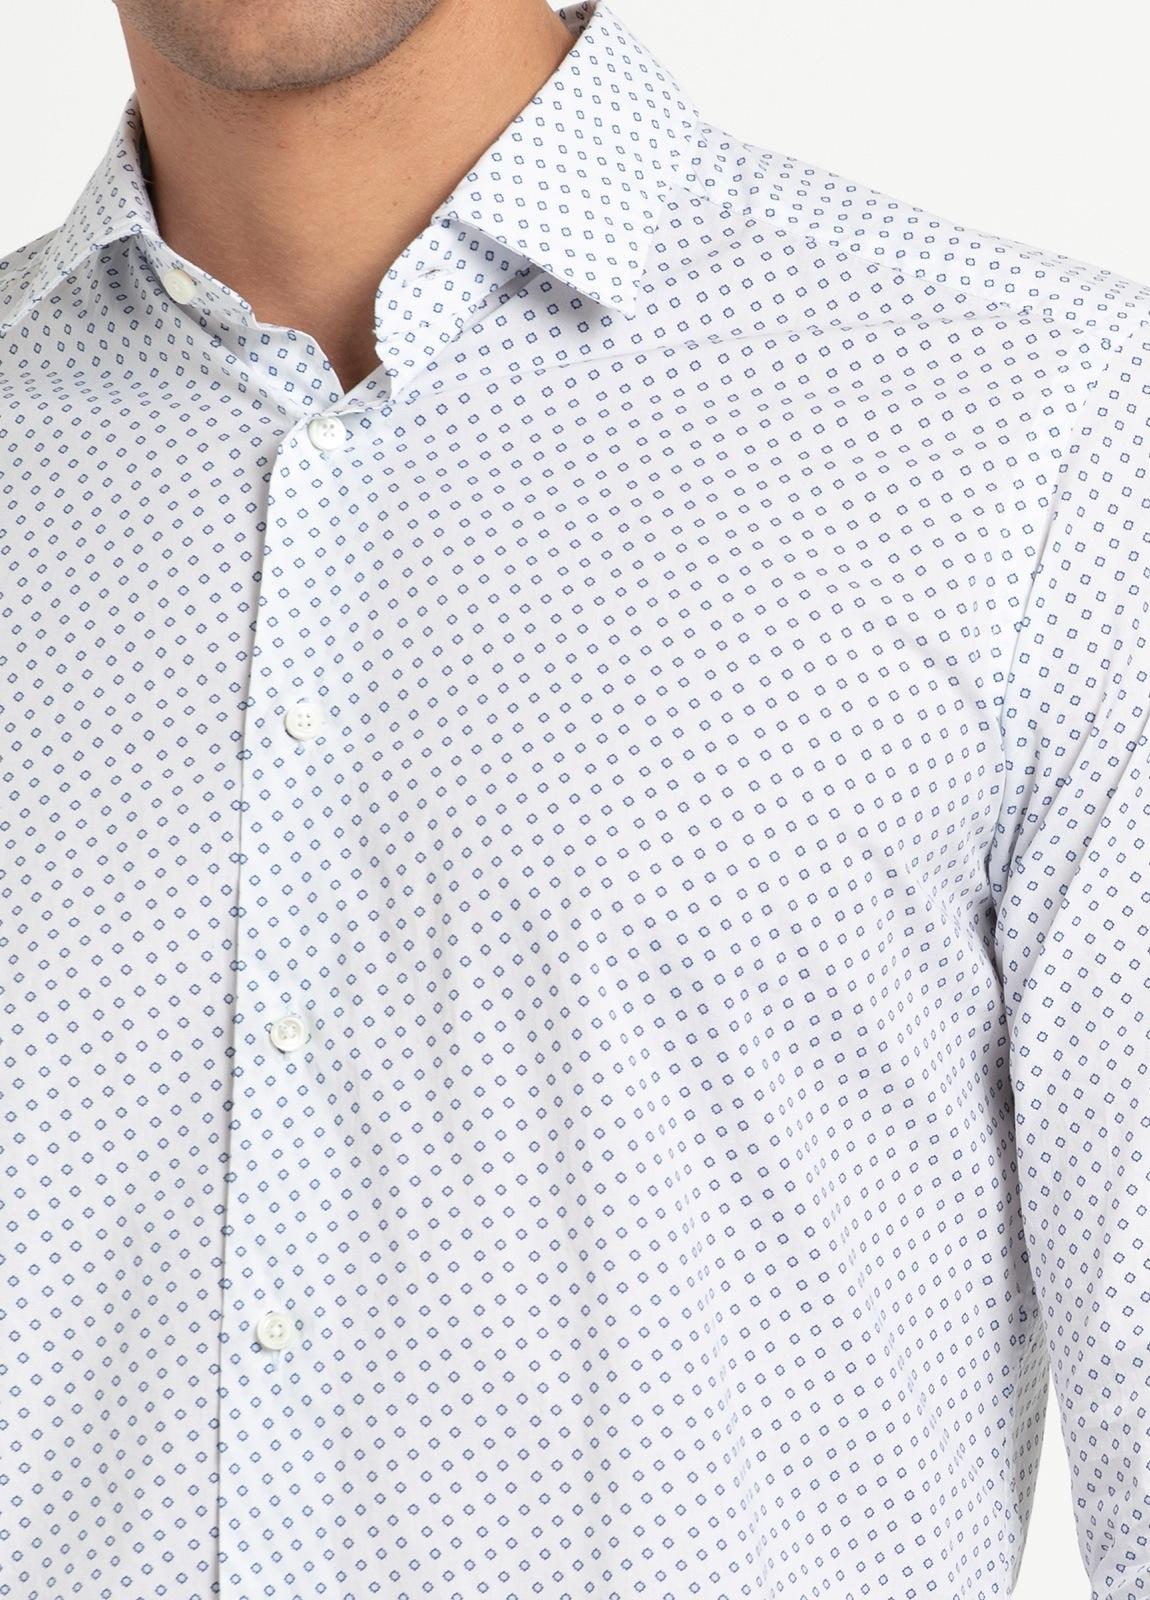 Camisa sport SLIM FIT modelo LEO estampado geométrico azul fondo blanco, 100% Algodón. - Ítem2